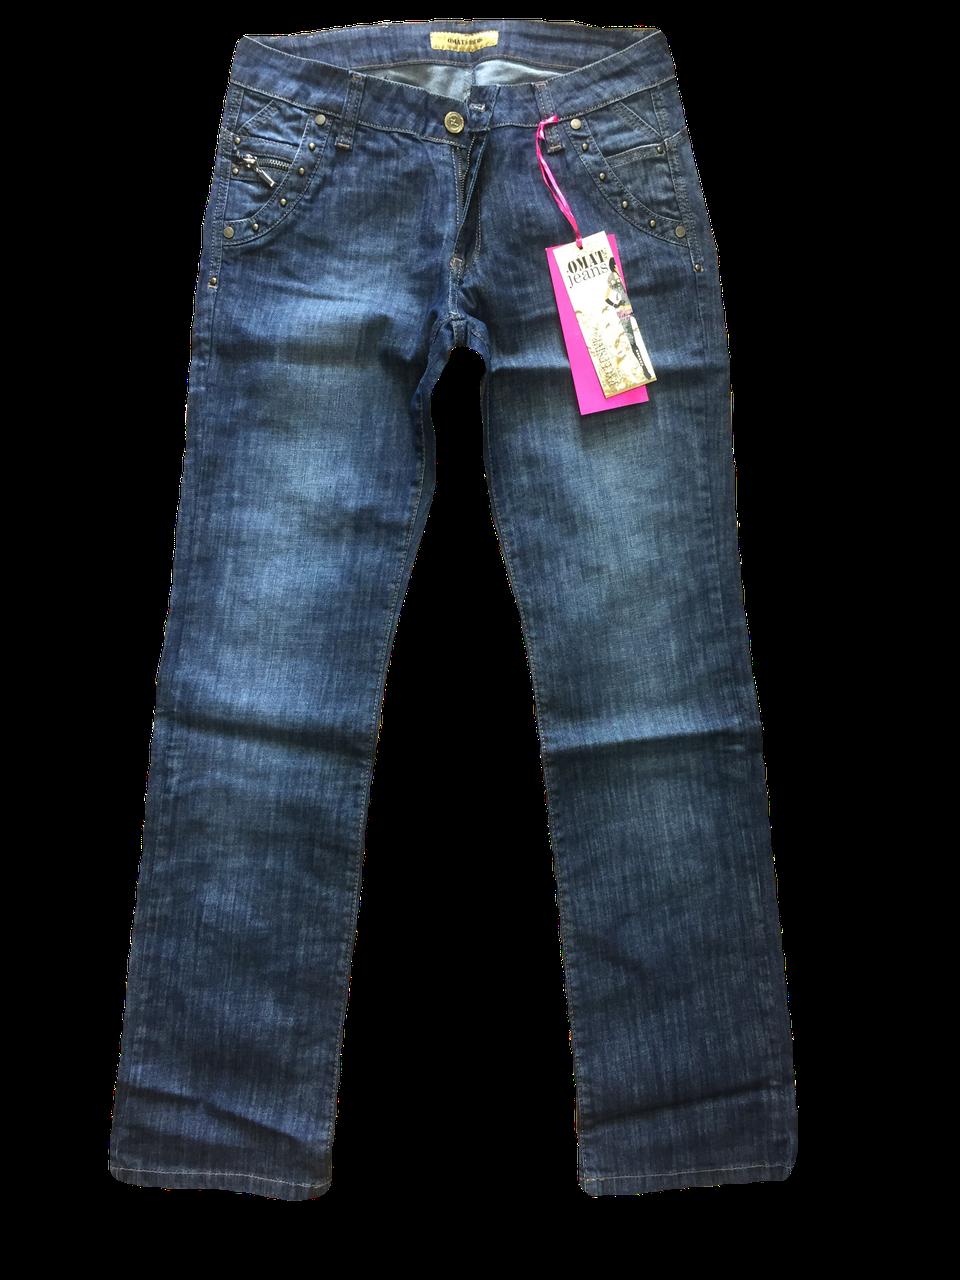 Джинсы женские большого размера ОМАТjeans 9559-805 синие